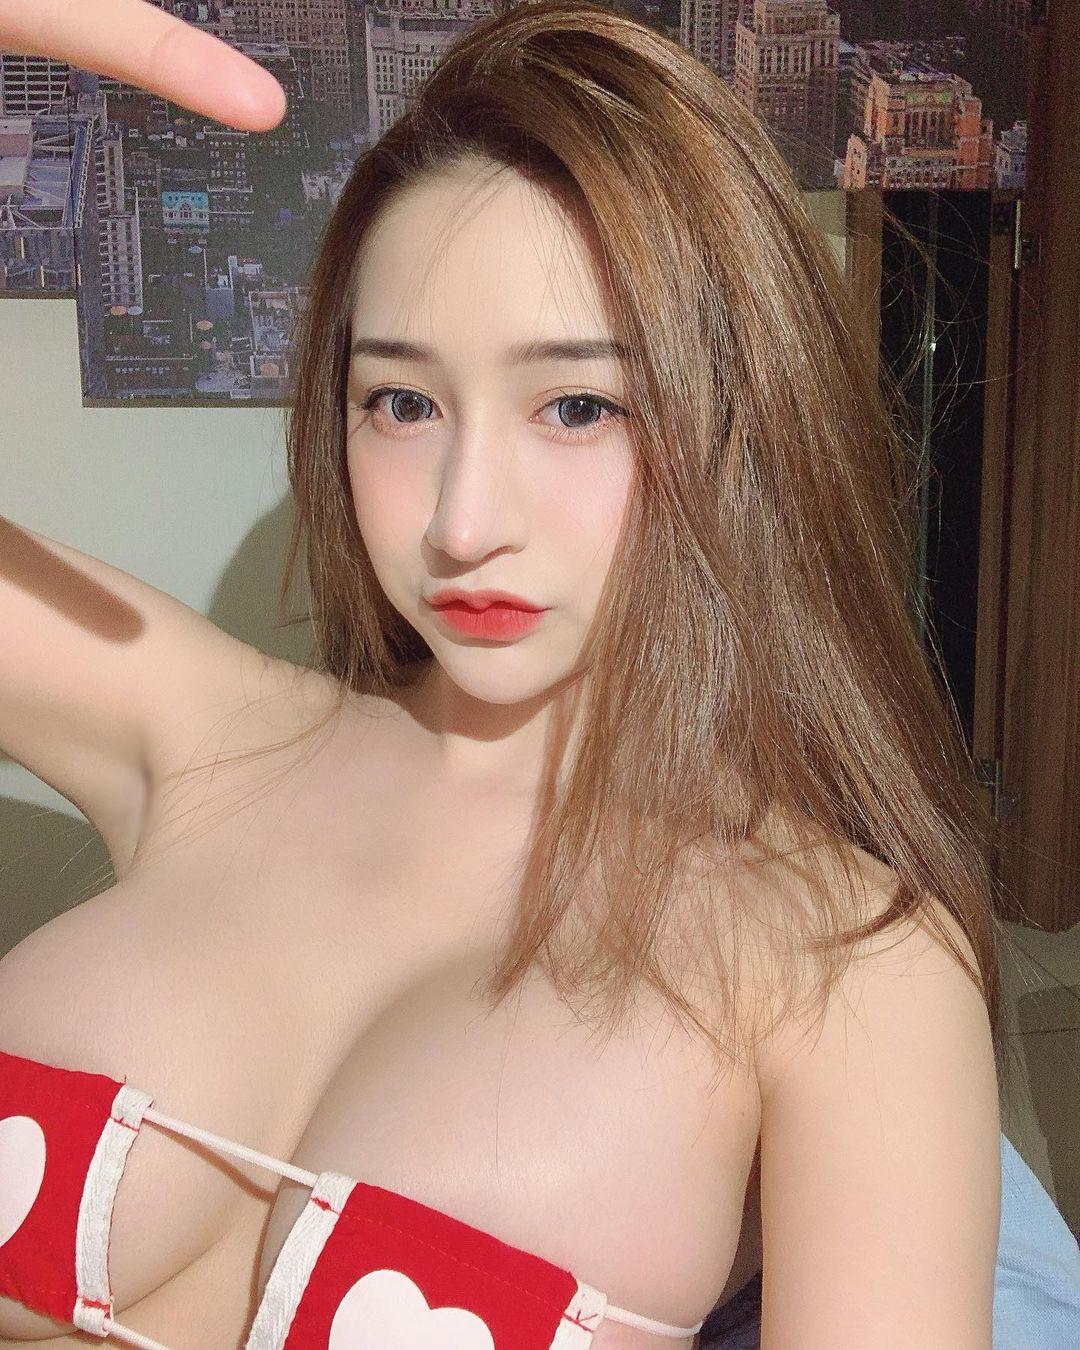 zeebownoii79 น้องโบว์ สาวเซ็กซี่ สาวสวย จากกลุ่มลับ